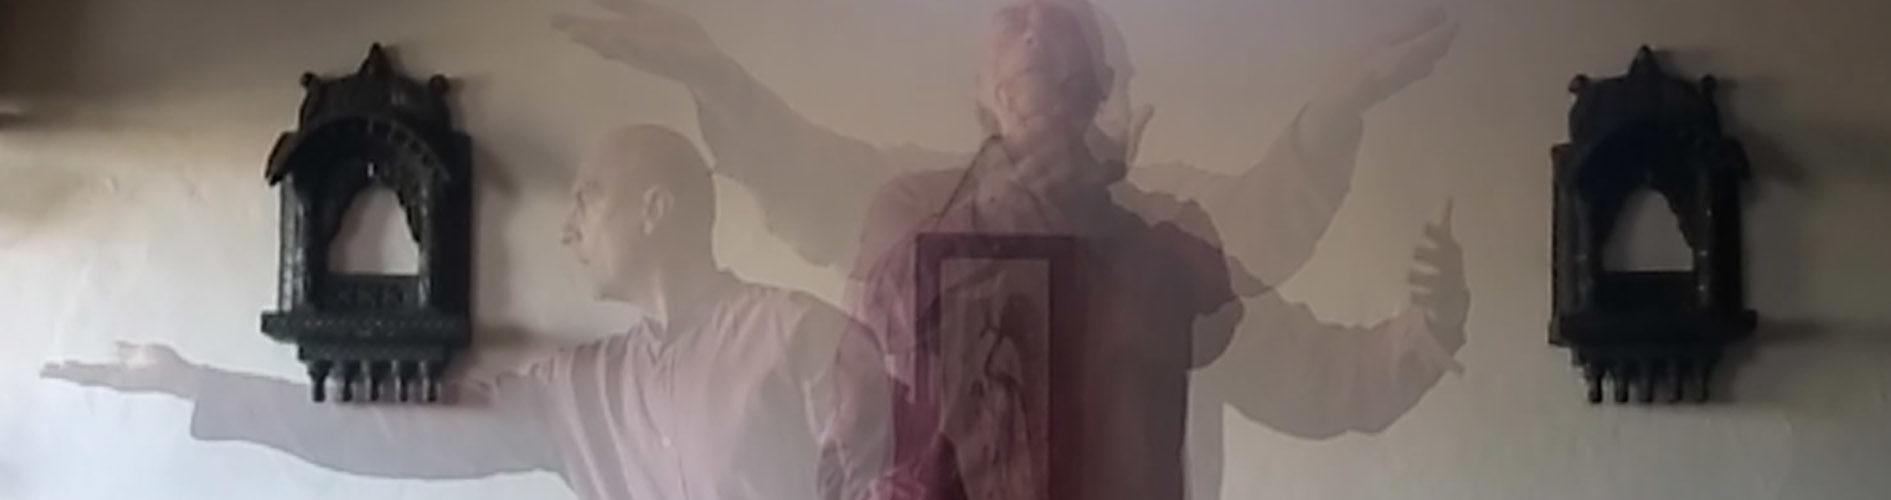 Meditazione Attiva Il Movimento Dei Chakra: La Danza Consapevole